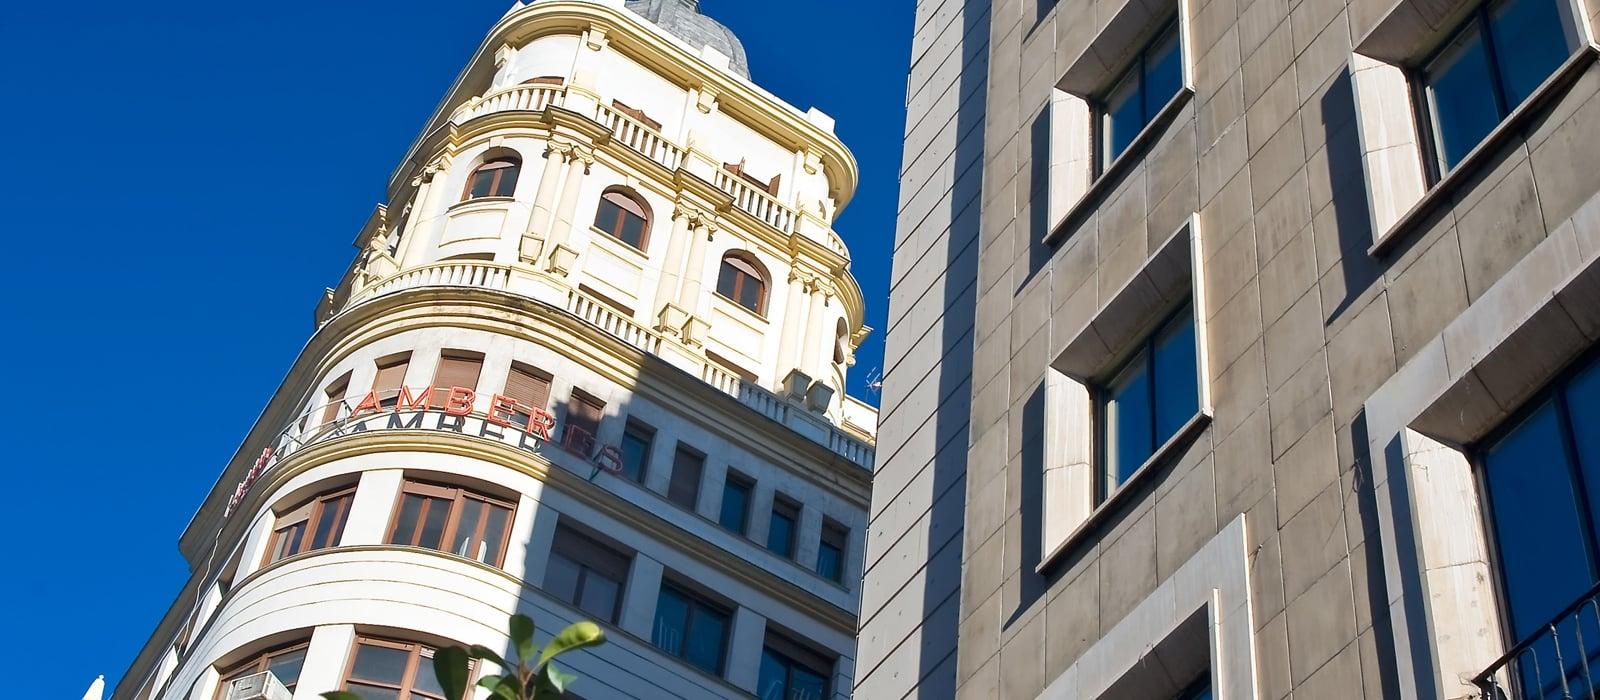 Fassade - Vincci Vía 66 4*